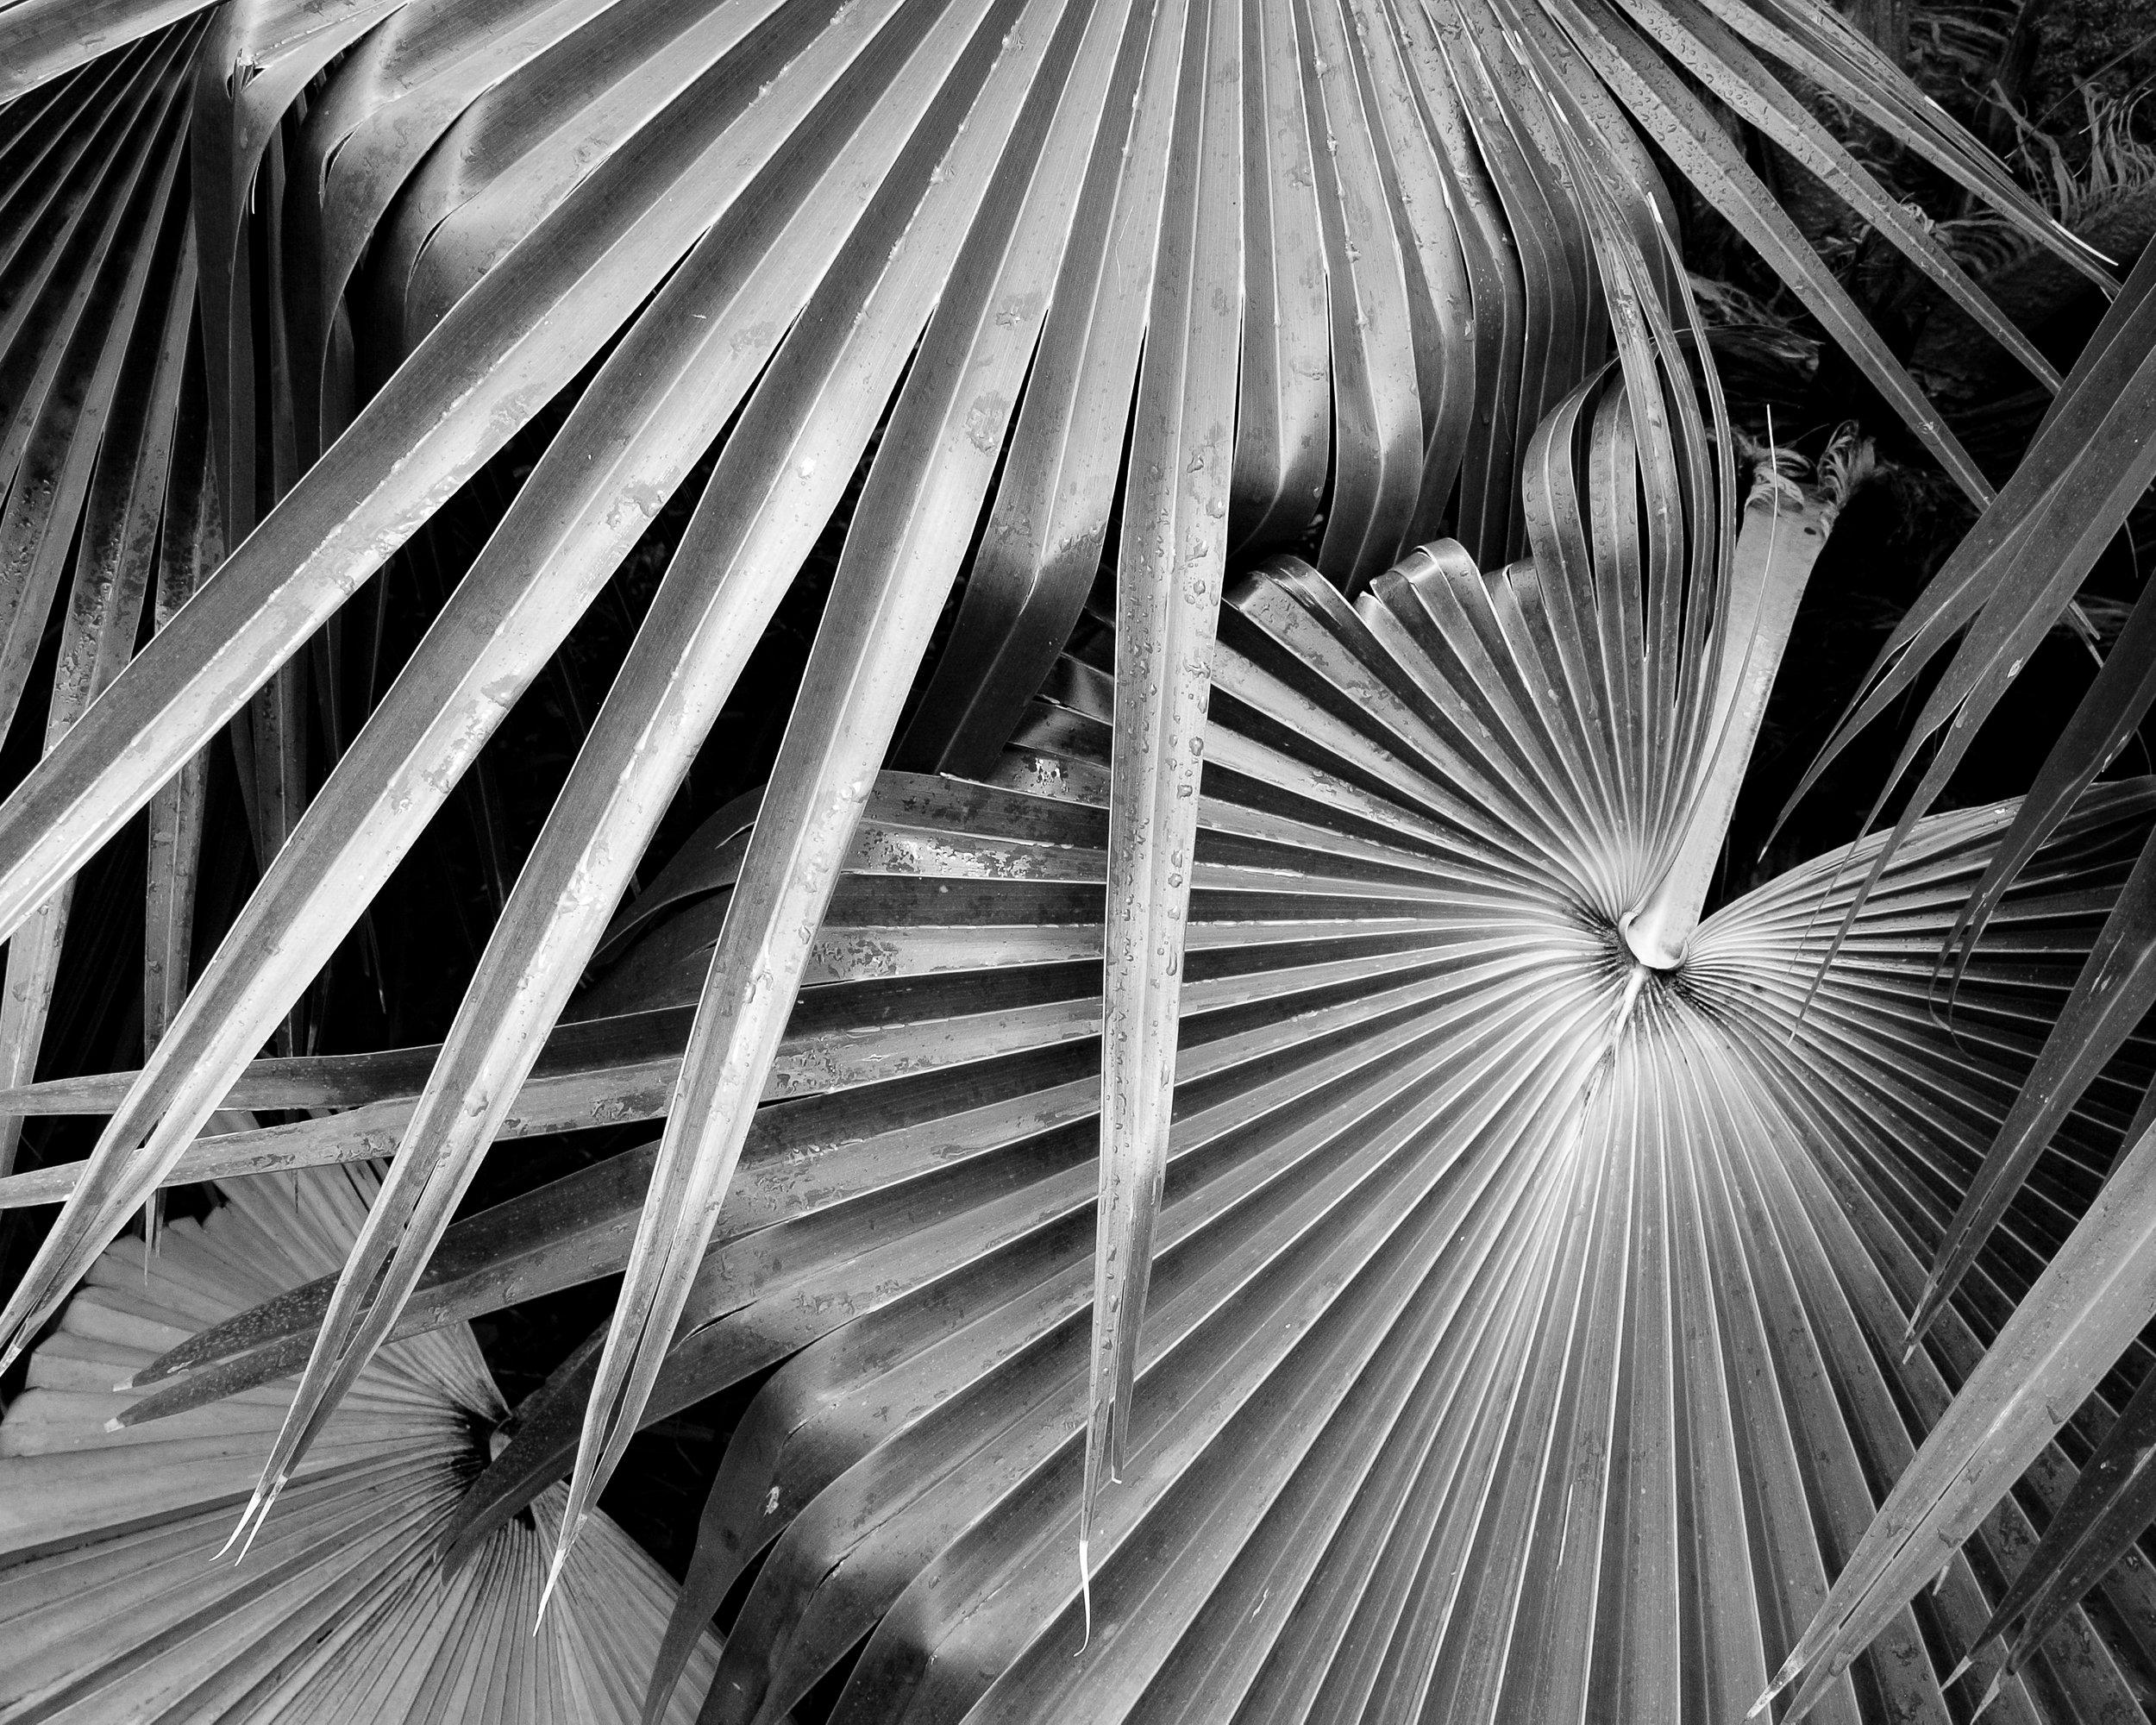 Palms, McBryde Gardens, Kauai, Hawaii, 2018